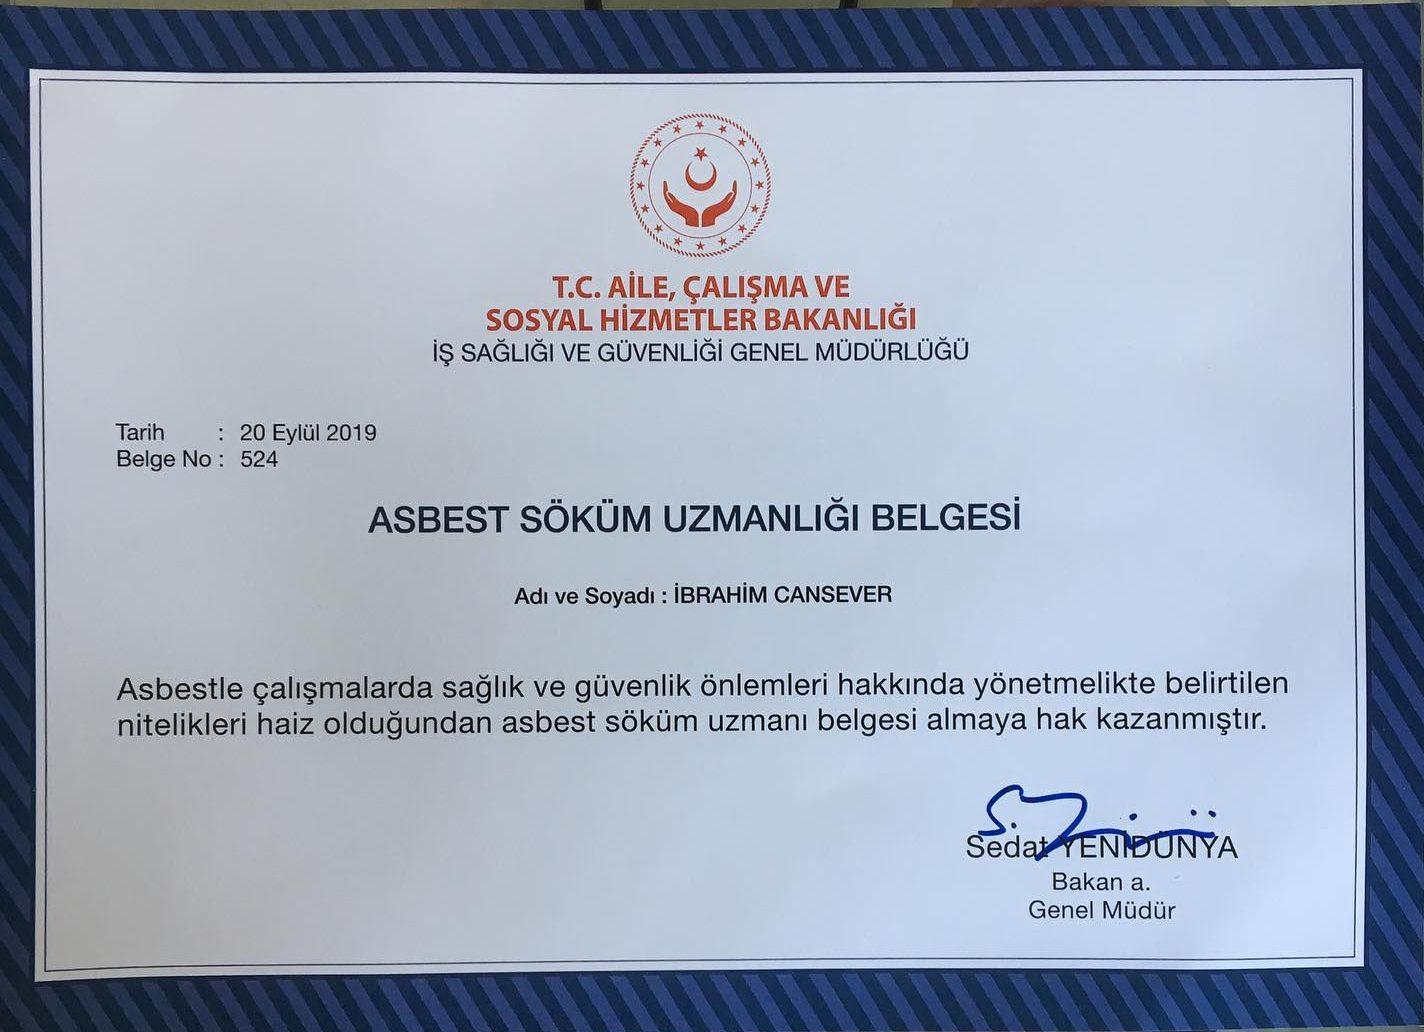 Antalya 'da yıkım öncesi Asbest Raporu yaptırmak zoruınludur. Antalya 'da Asbest Raporu hazırlatmak istiyorsanız bizimle iletişime geçiniz. Asbest raporu numune alma işlemi dahil yaklaşık 1 hafta sürmektedir